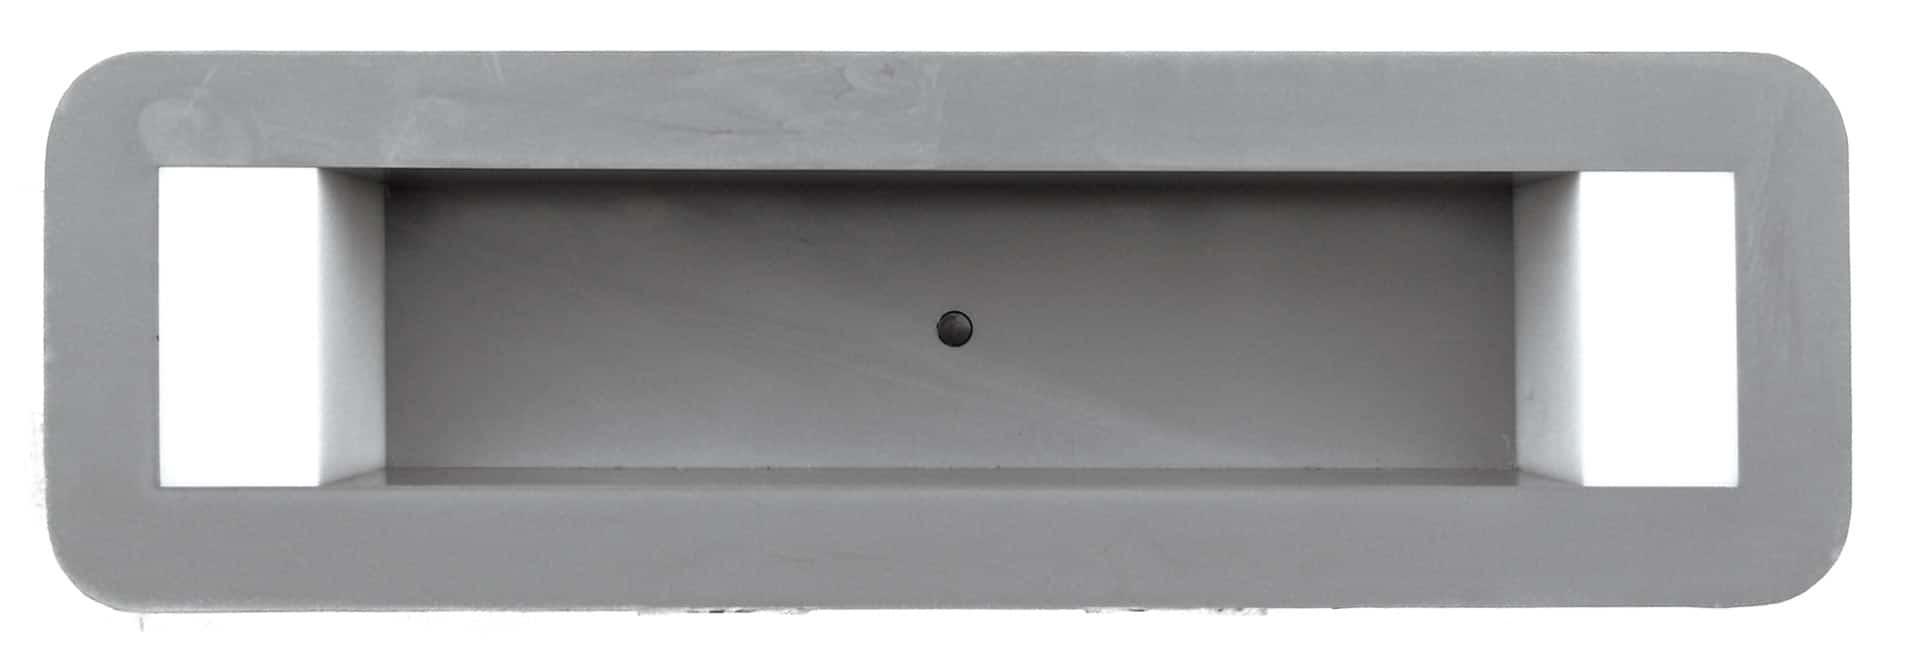 inserti-adattamento-cubettiera-calcestruzzo